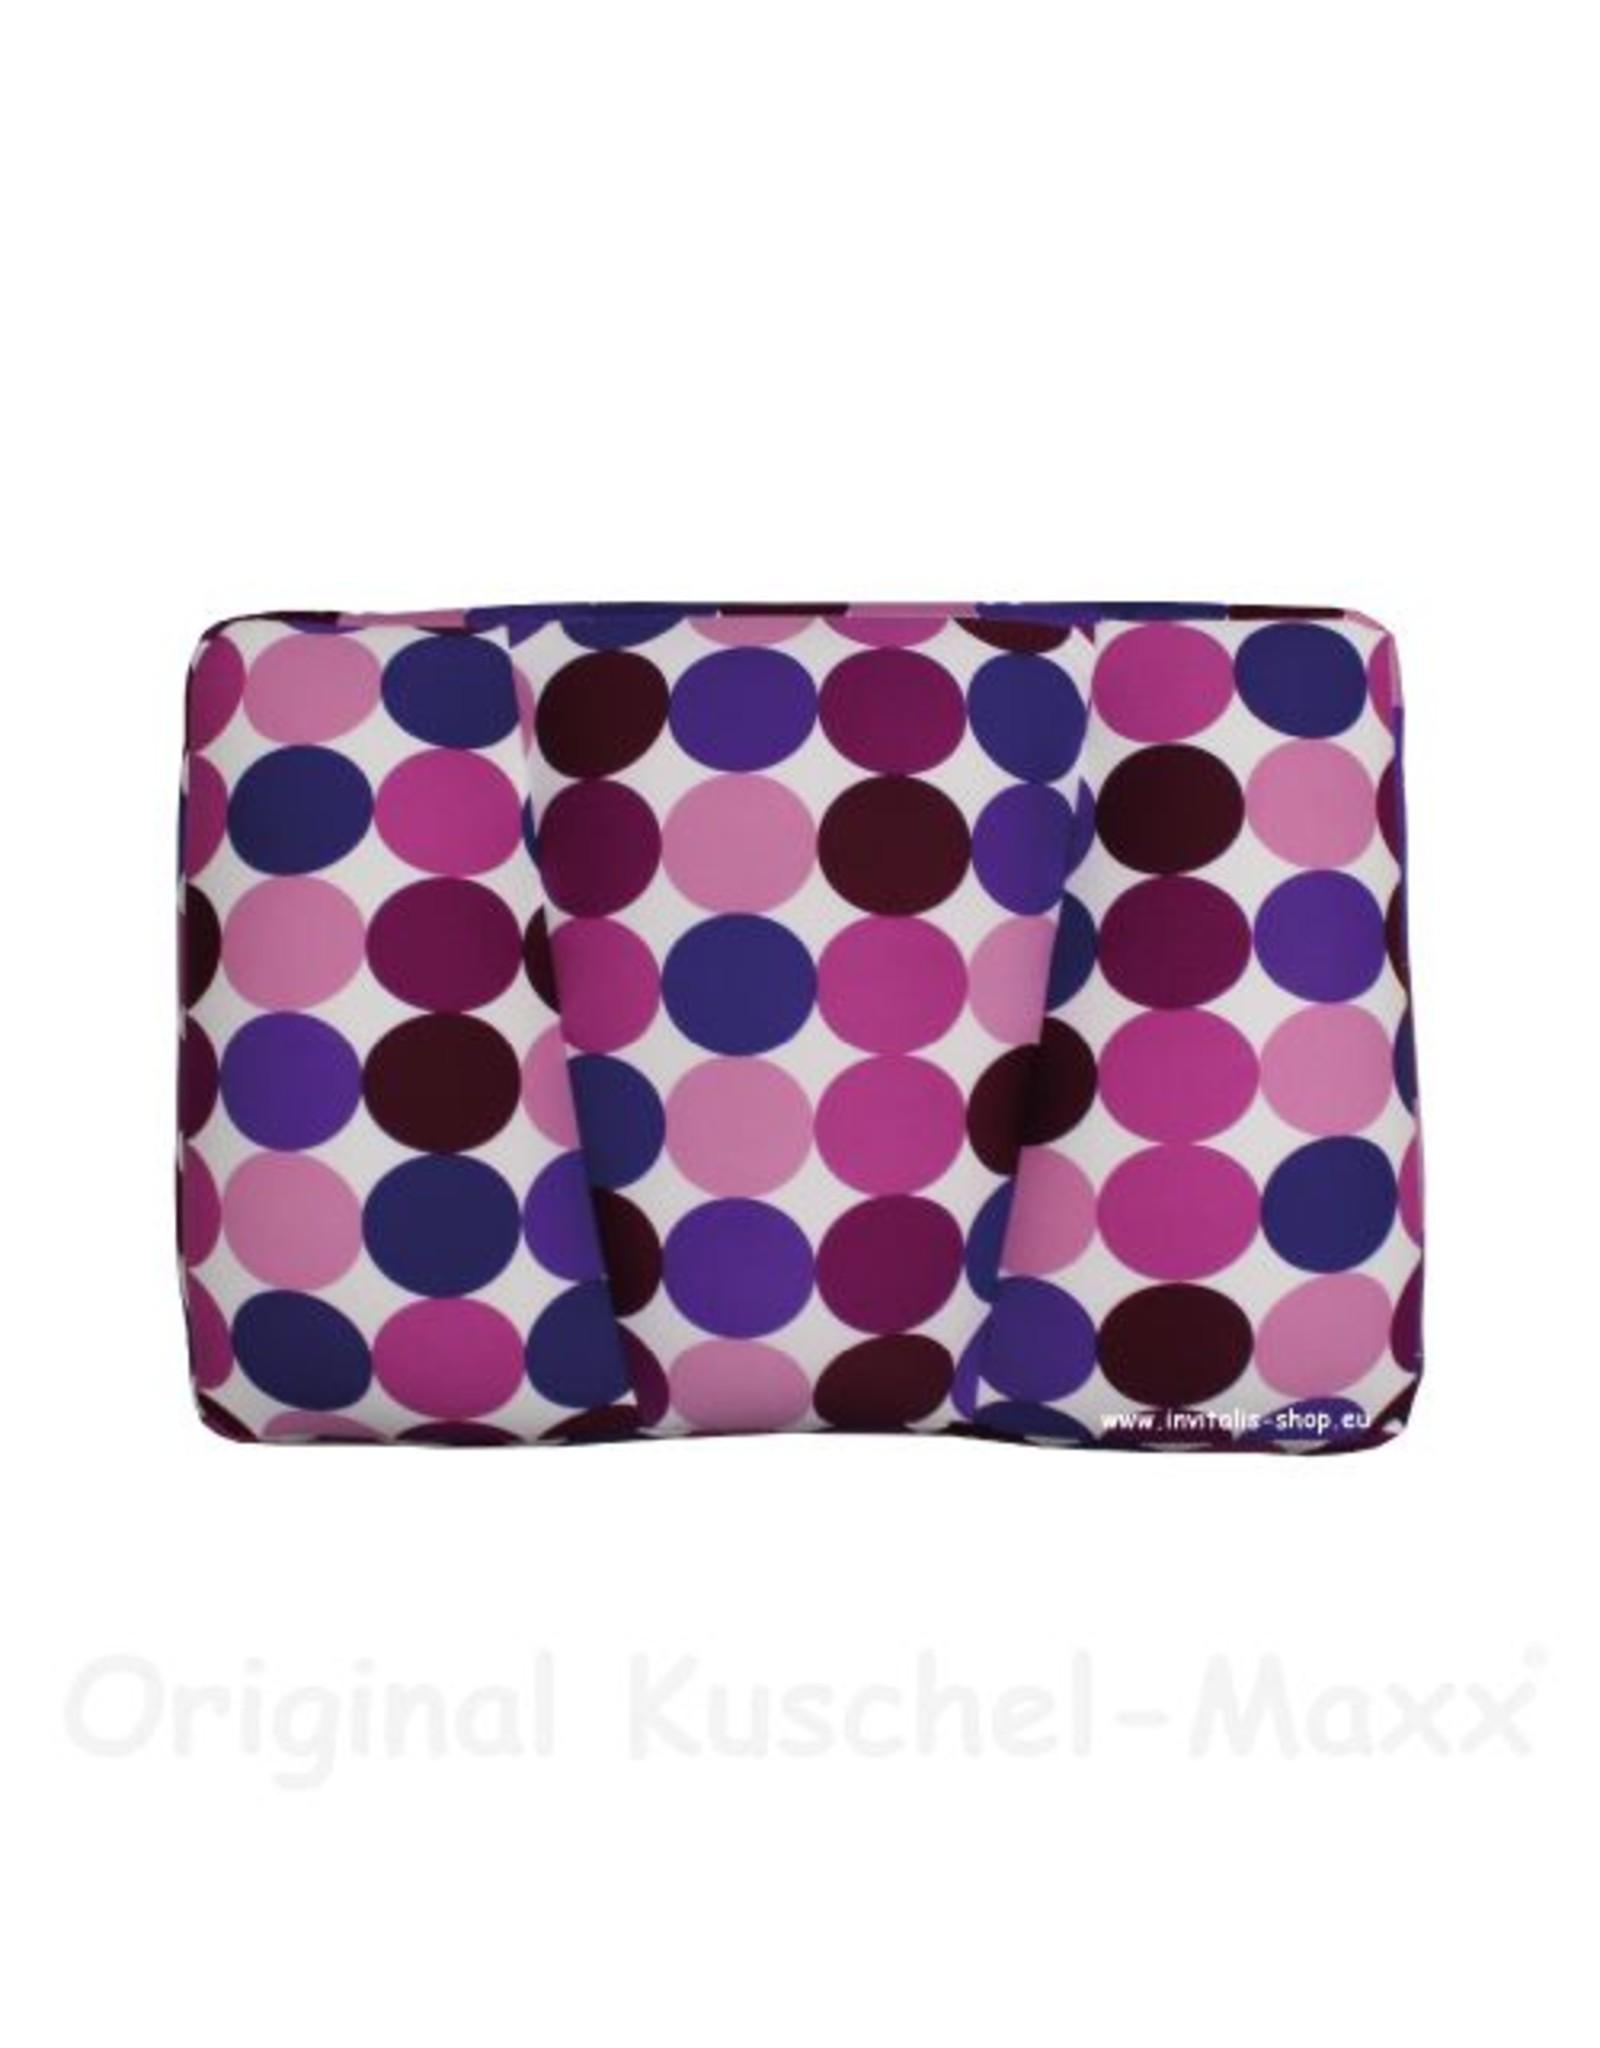 Kuschel-Maxx Kuschel-Maxx - Schlafkissen Punkte Violett